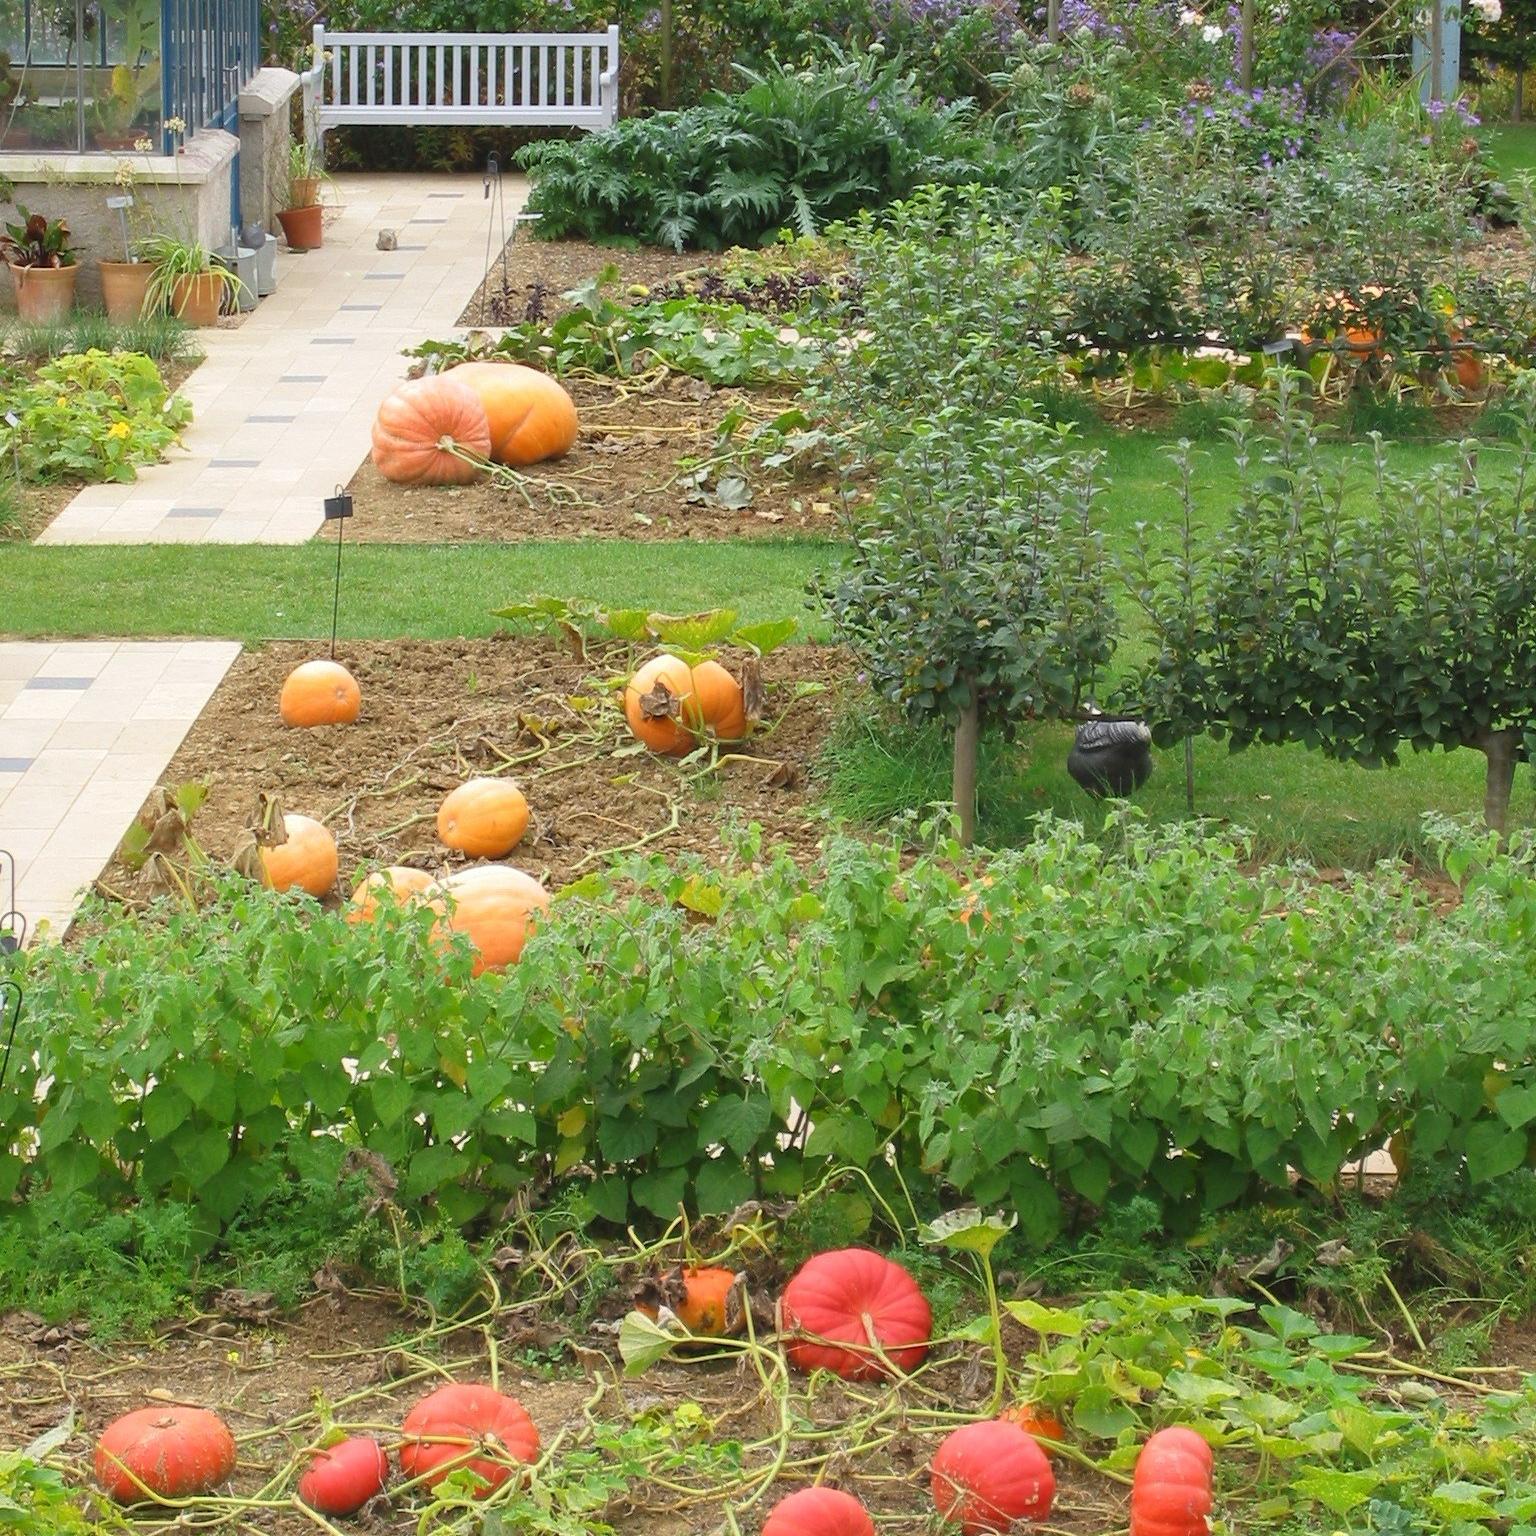 biogarten-224-2407_img-e1519053431460.jpg